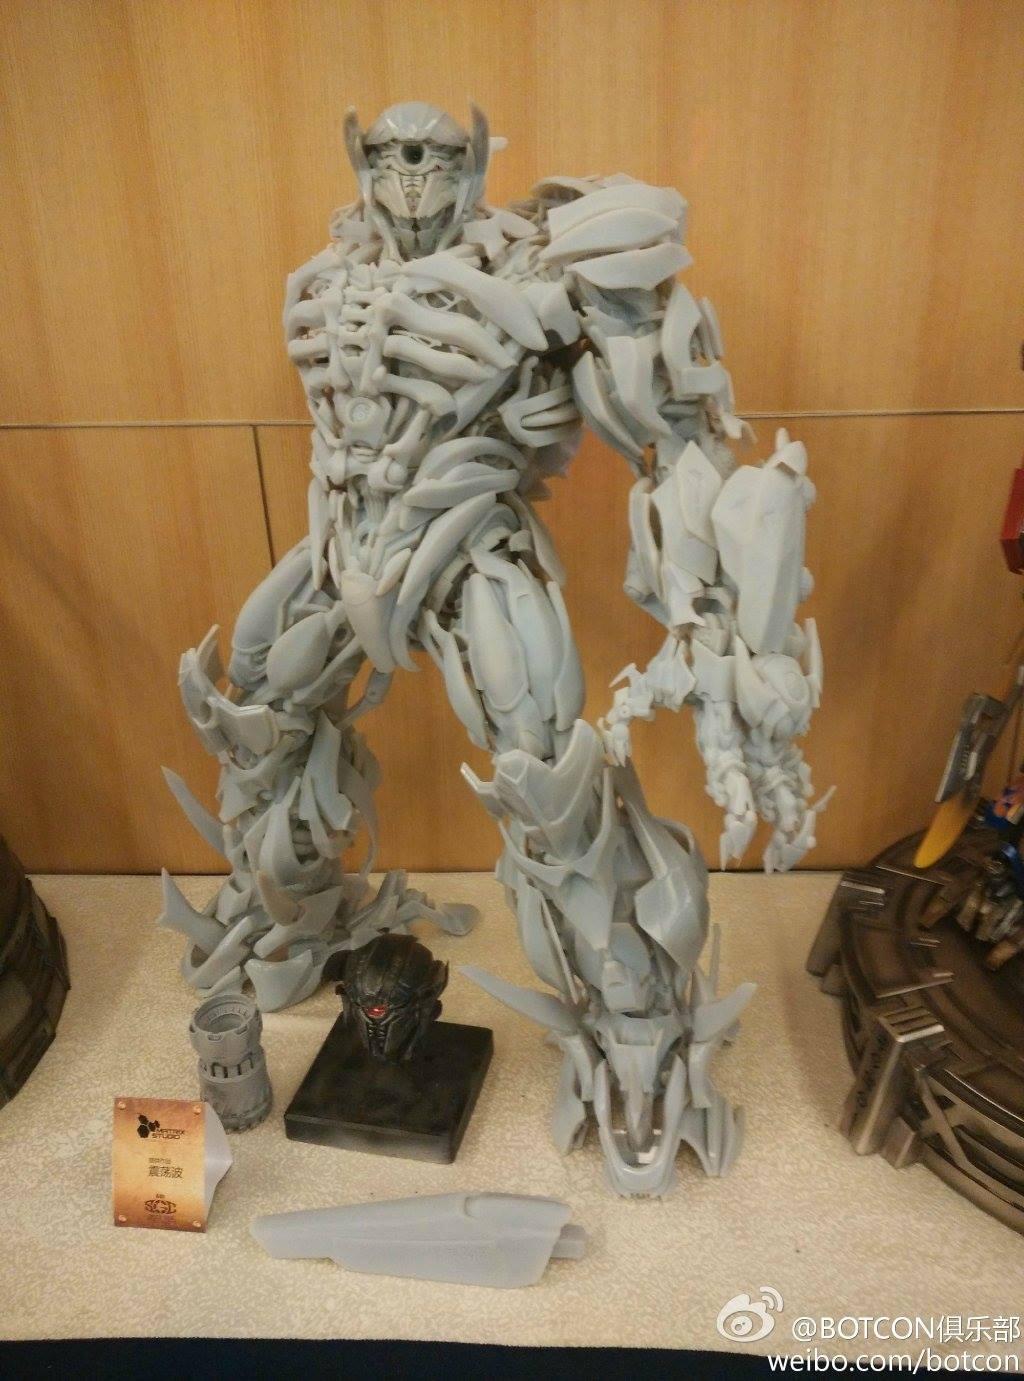 Statues des Films Transformers (articulé, non transformable) ― Par Prime1Studio, M3 Studio, Concept Zone, Super Fans Group, Soap Studio, Soldier Story Toys, etc - Page 3 136986108307495767905657537845205063329410071287o